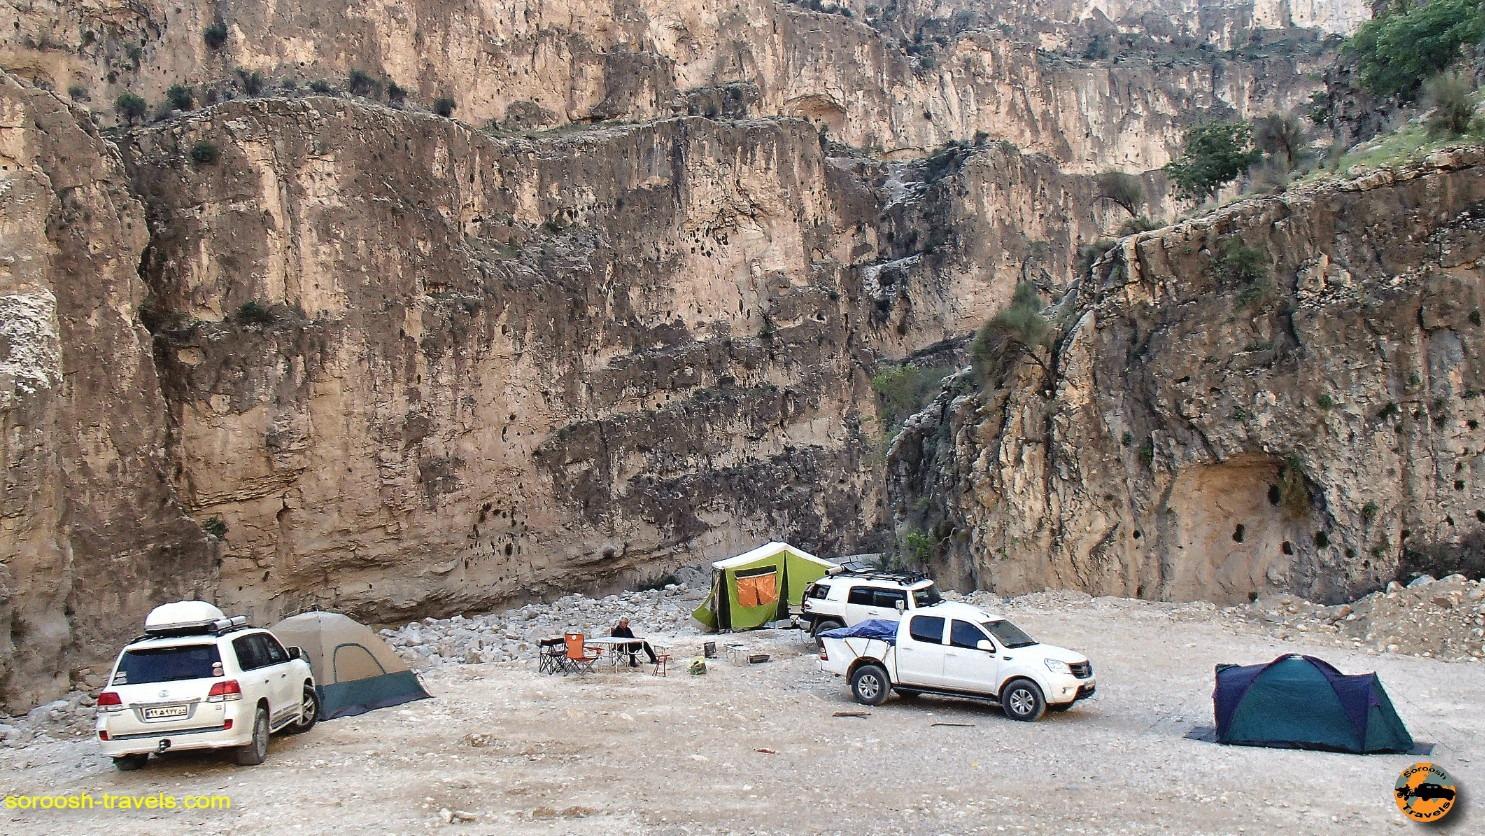 کمپ در تنگه هایقر